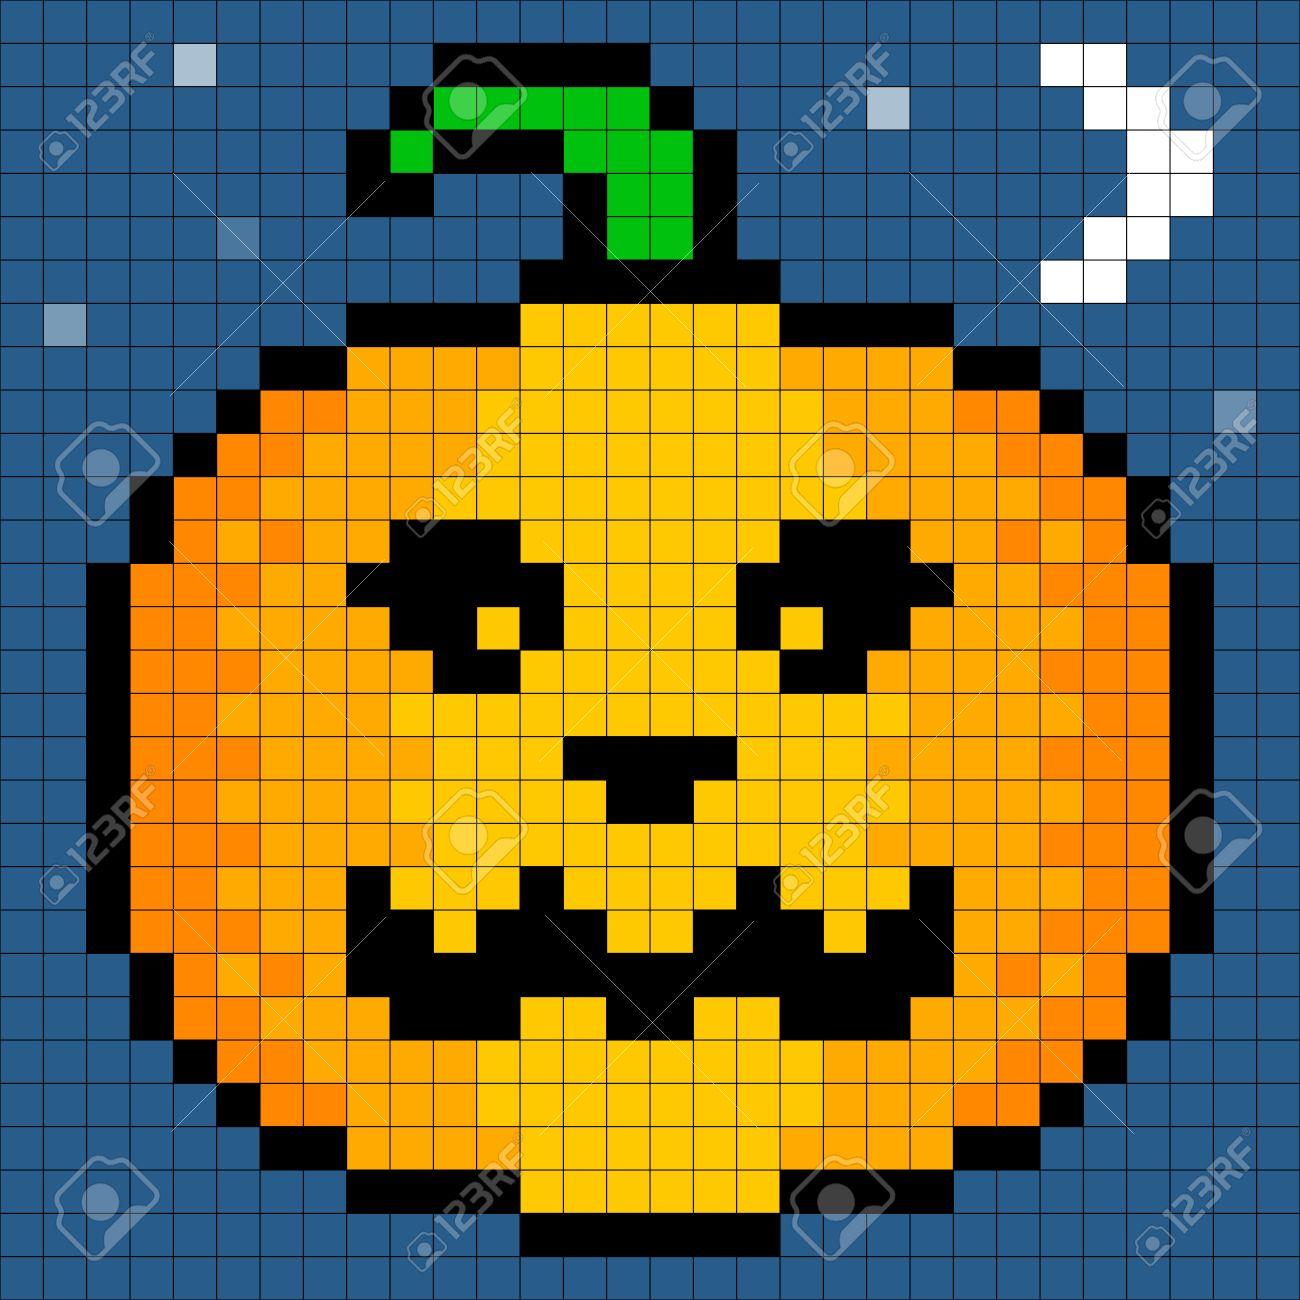 8-bit Pixel Art Halloween Pumpkin. Eyes, Pumpking And Background ...